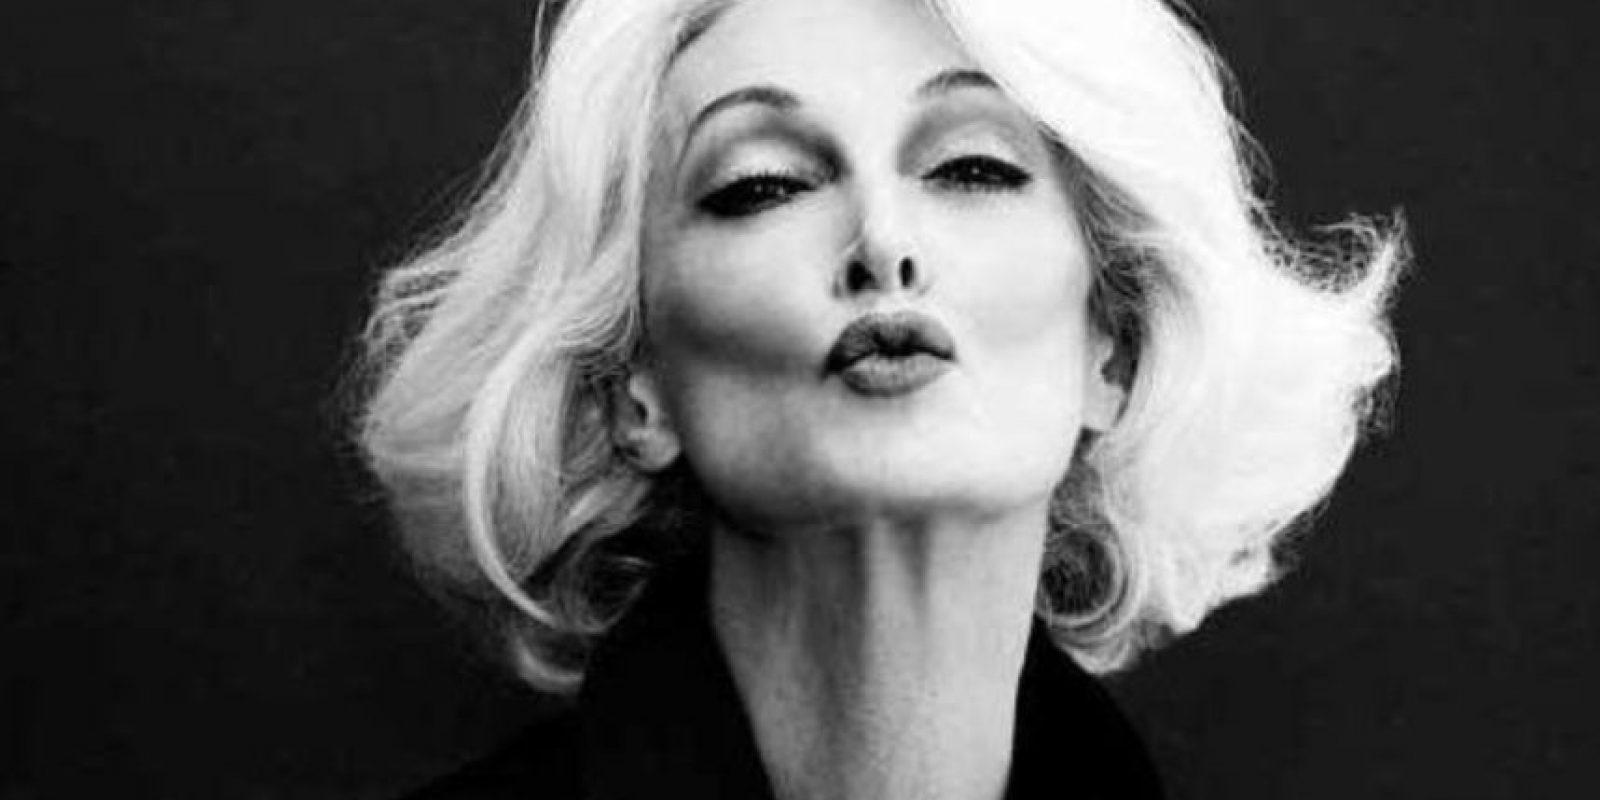 Carmen Dell' Orefice es una de las modelos más veteranas del mundo. Está en el trabajo desde la década del 50 Foto:Vía Facebook. Imagen Por: